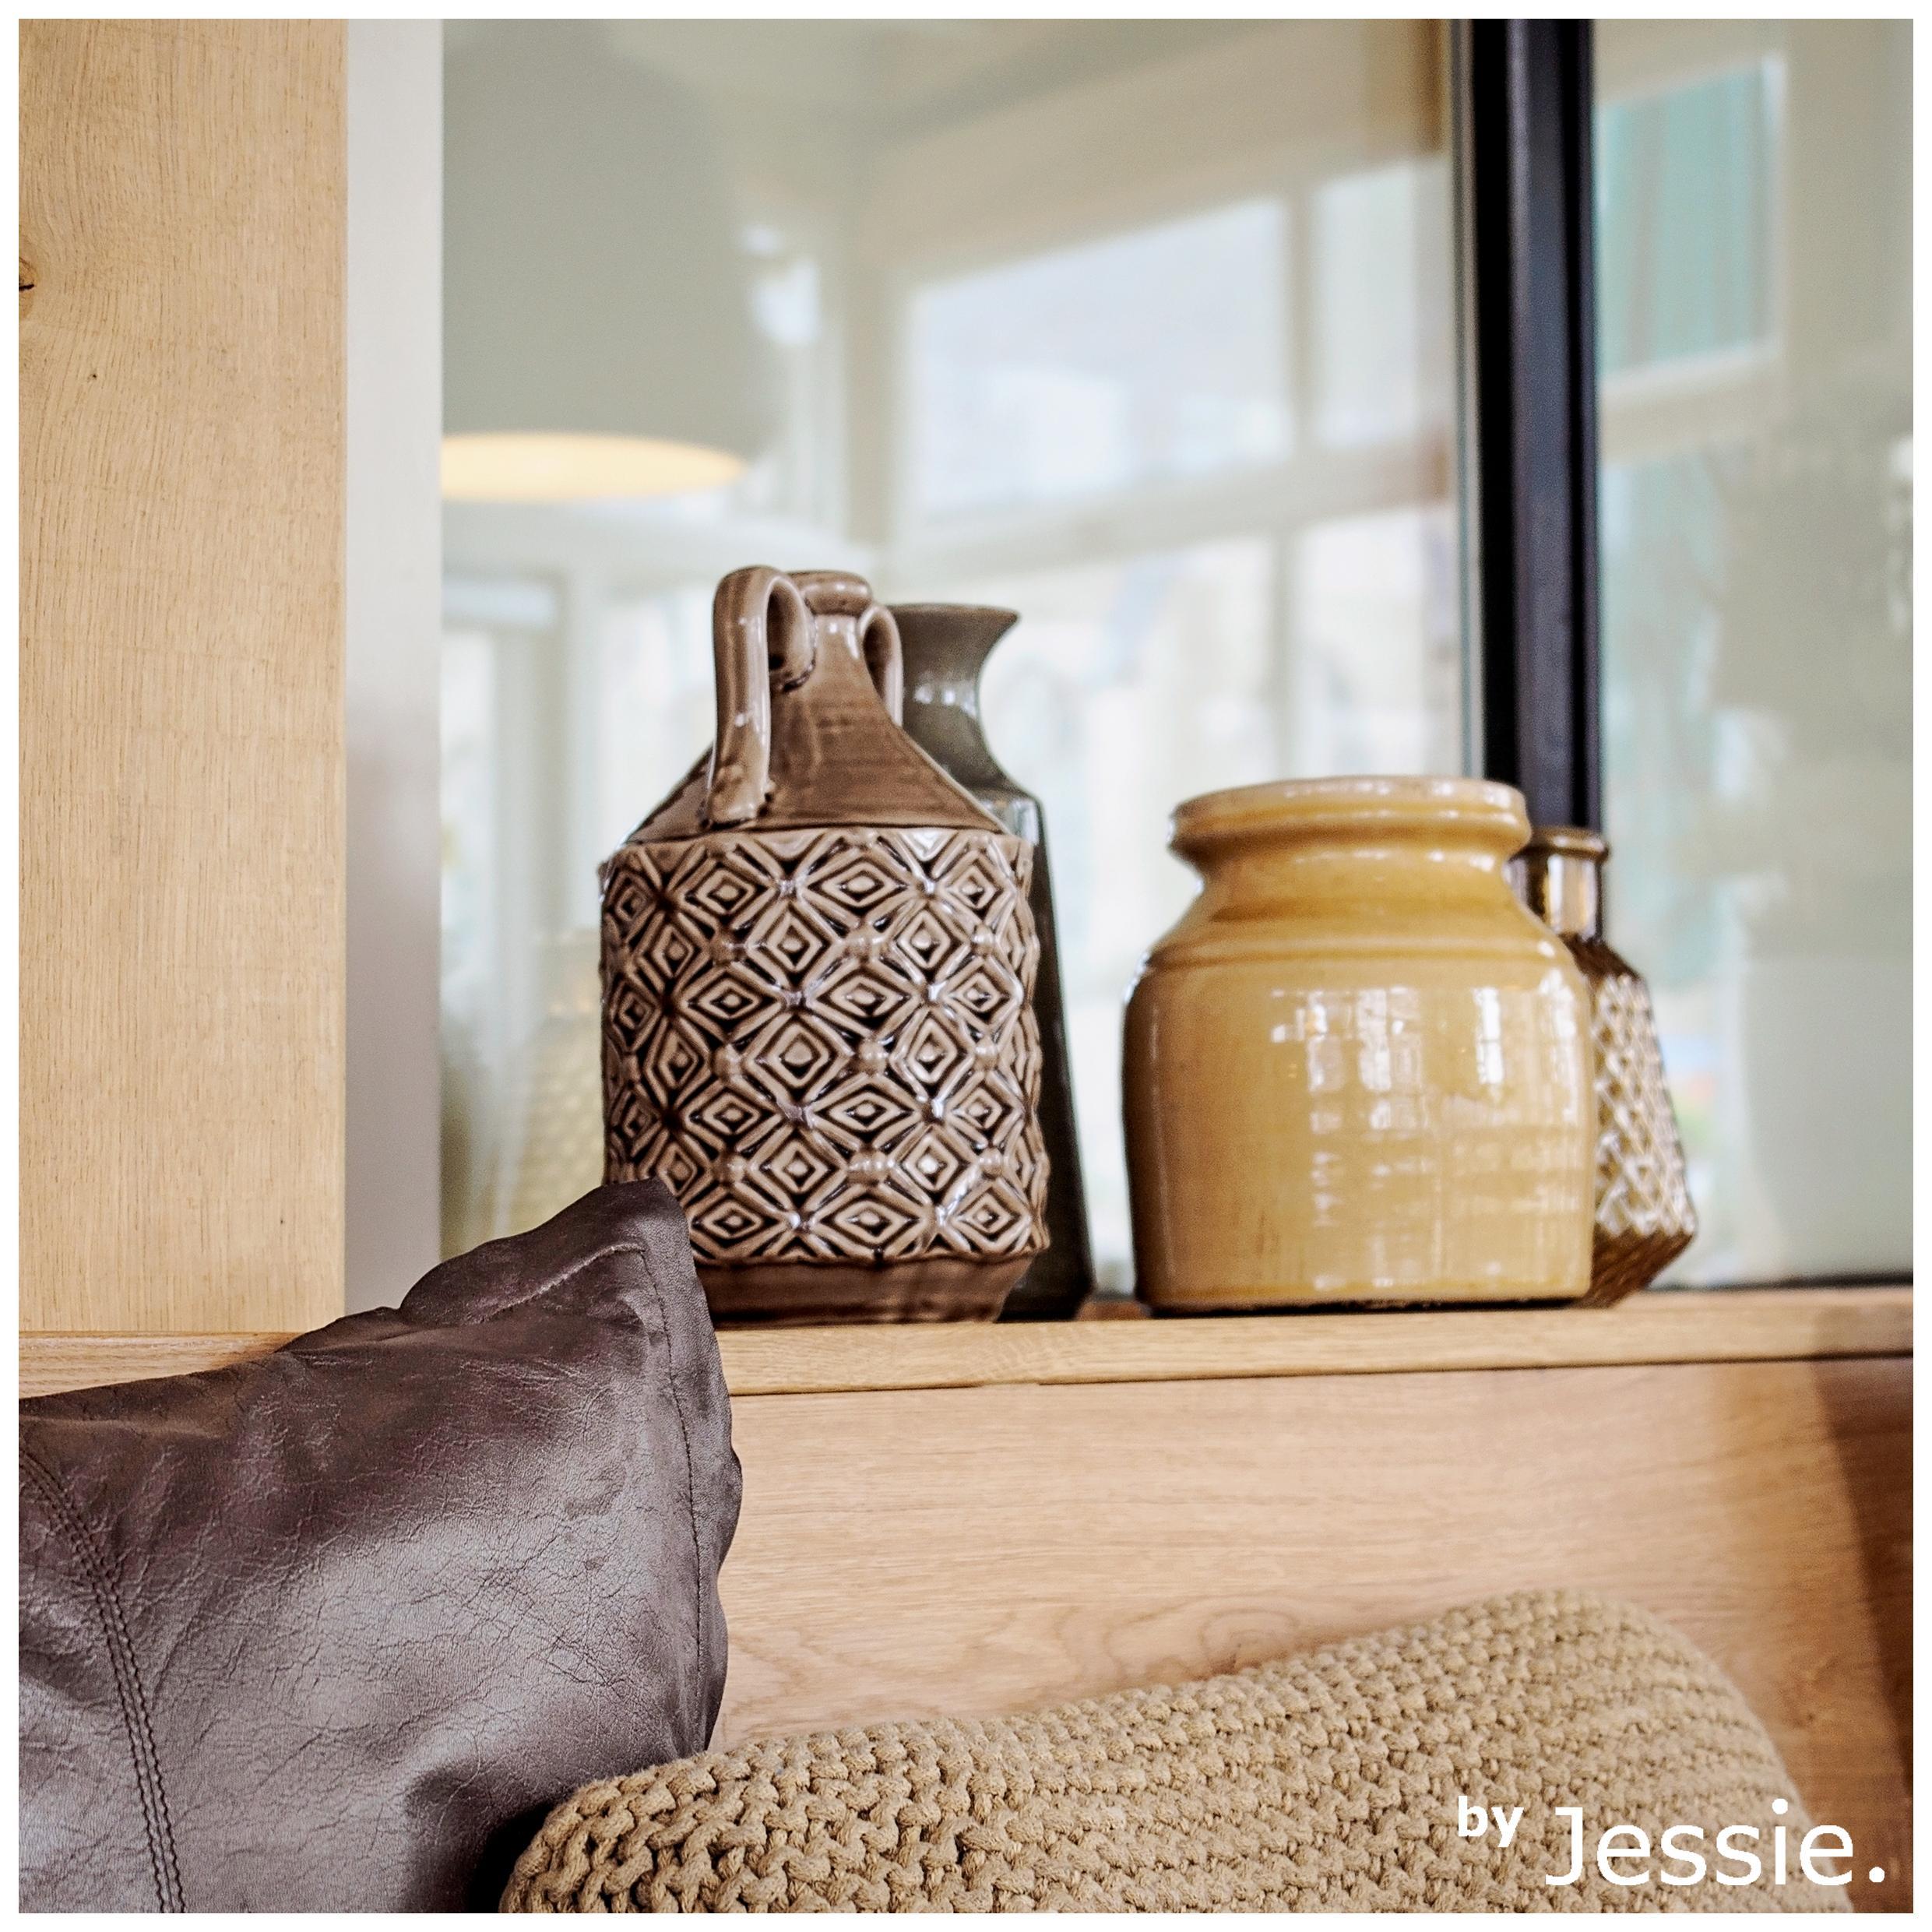 Portfolio byJessie. Restaurant Stegers Serre 01